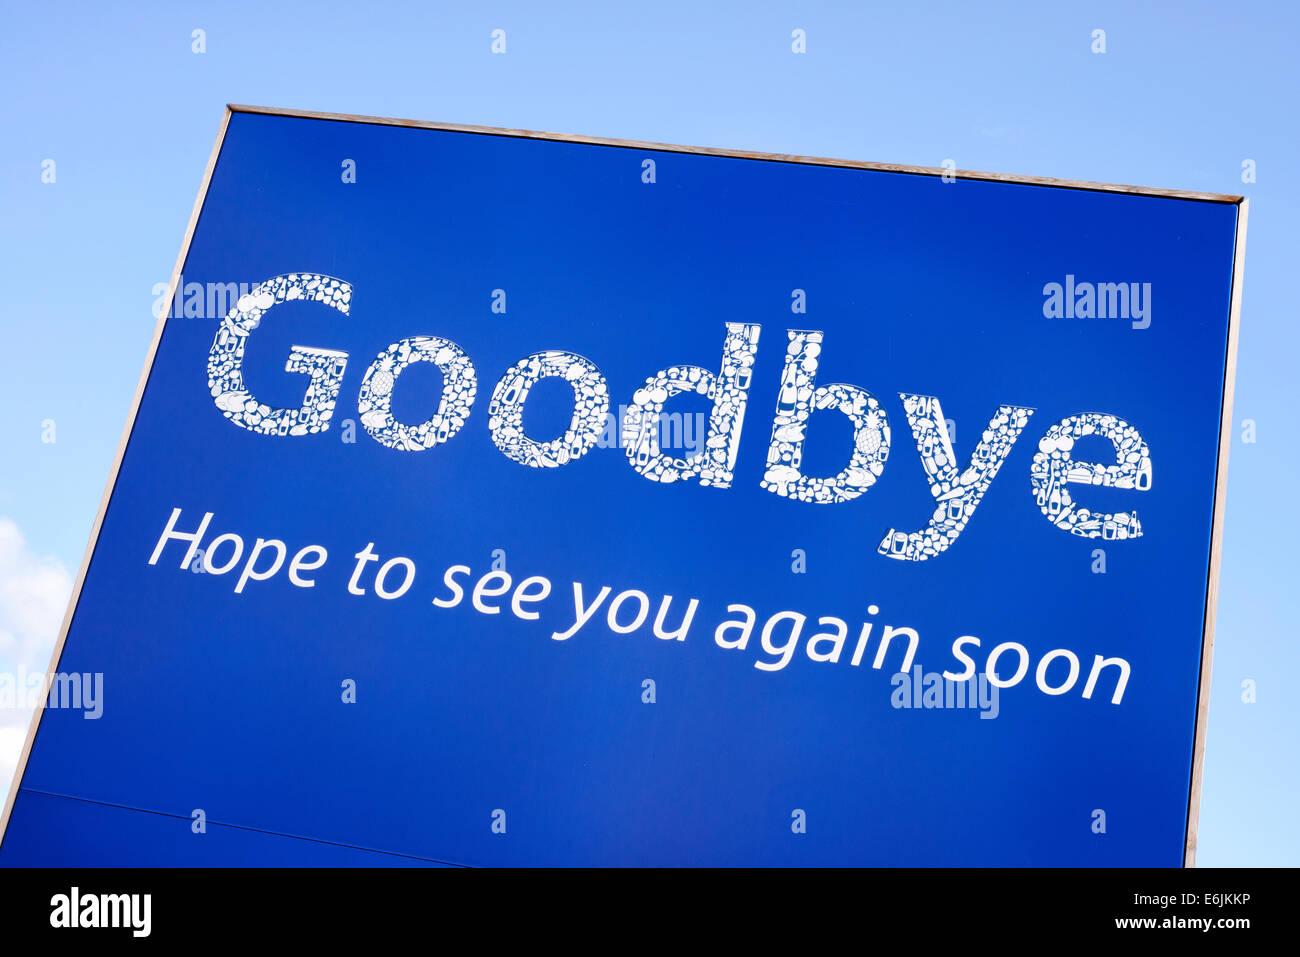 """""""Au revoir, l'espoir de vous revoir' signe à un magasin Tesco à Blackpool, Lancashire, Angleterre Photo Stock"""